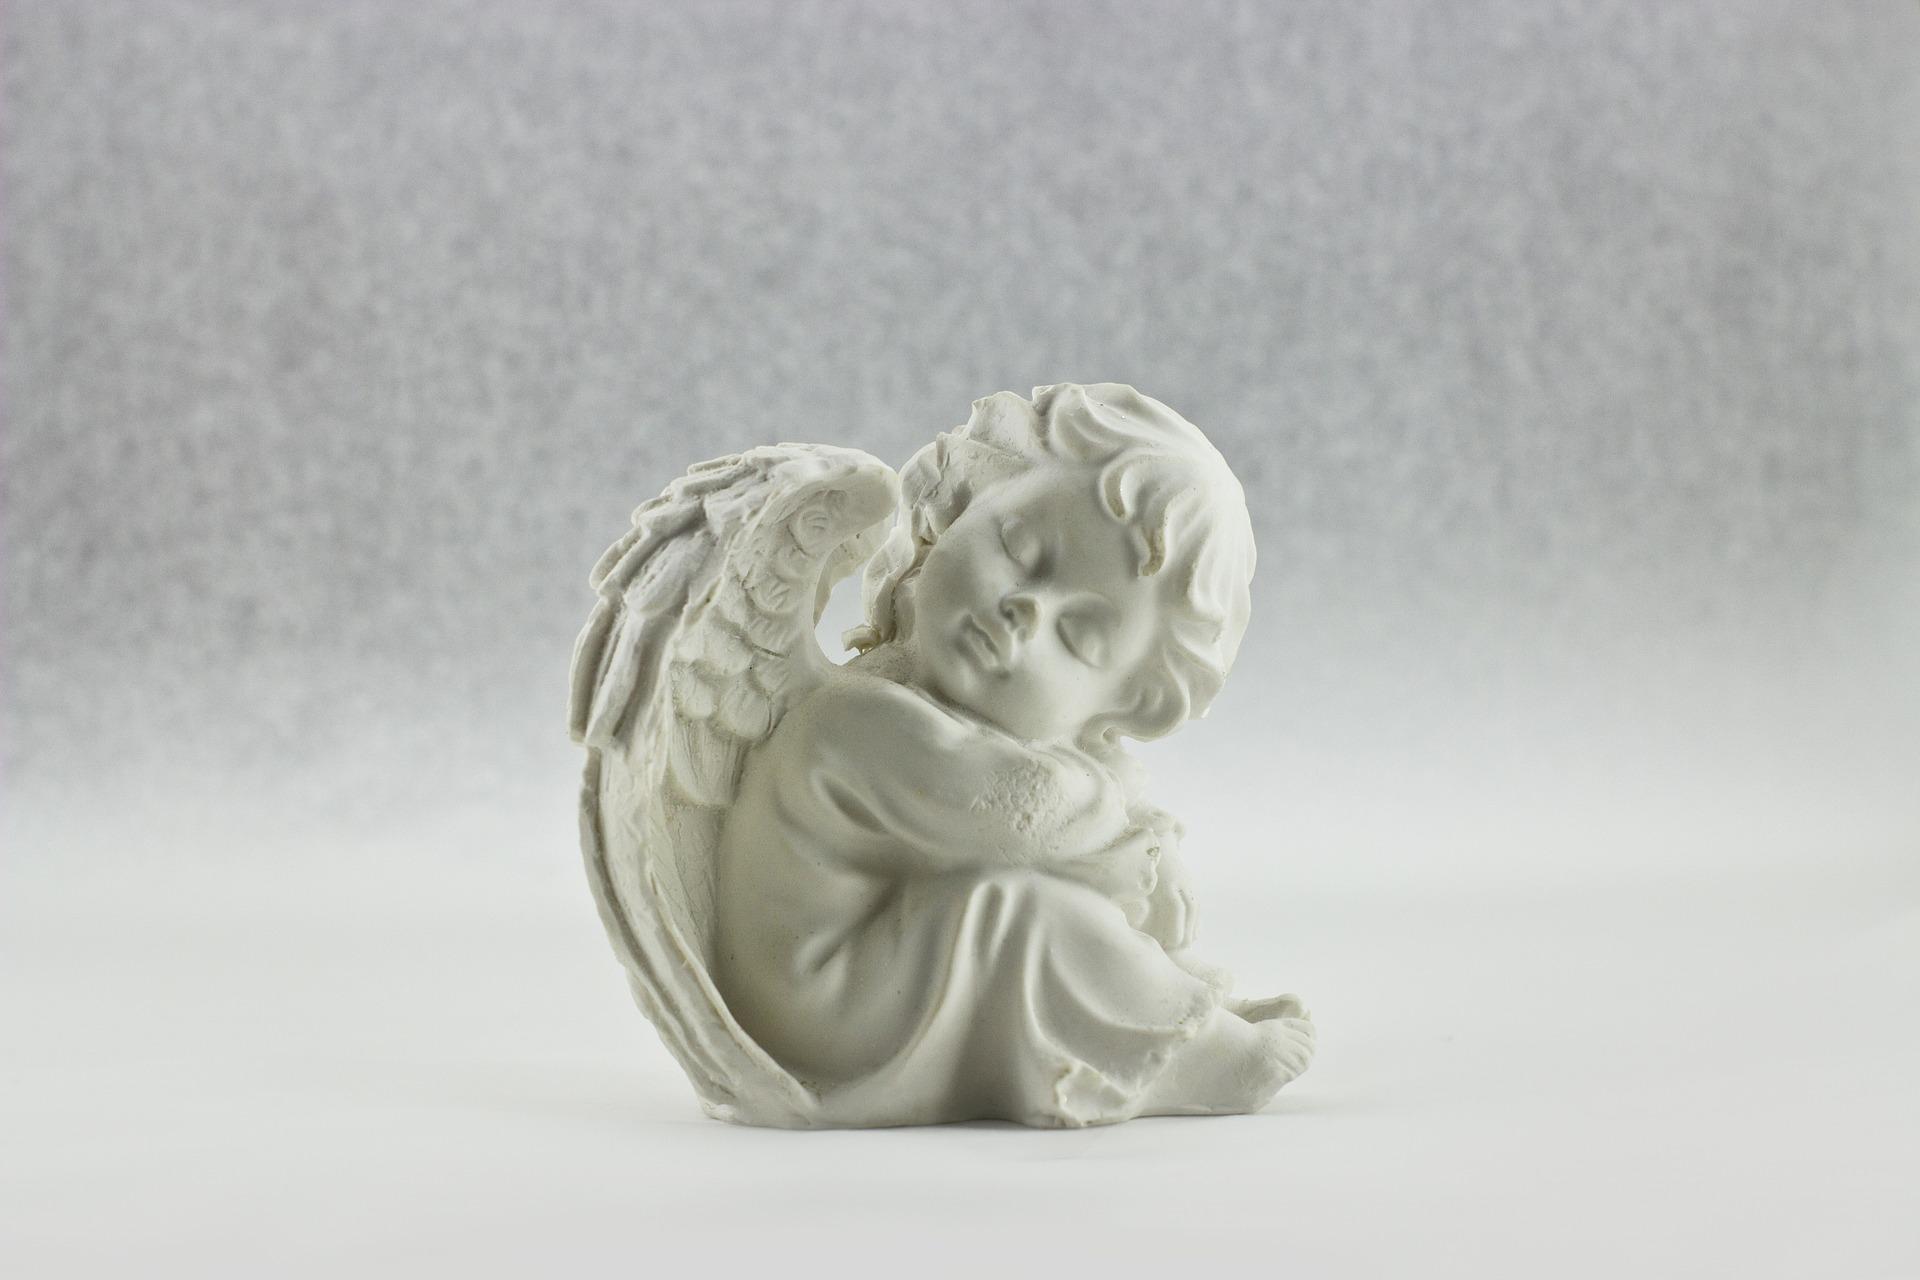 Aborto spontaneo: aspetti psicologici e informazioni utili.